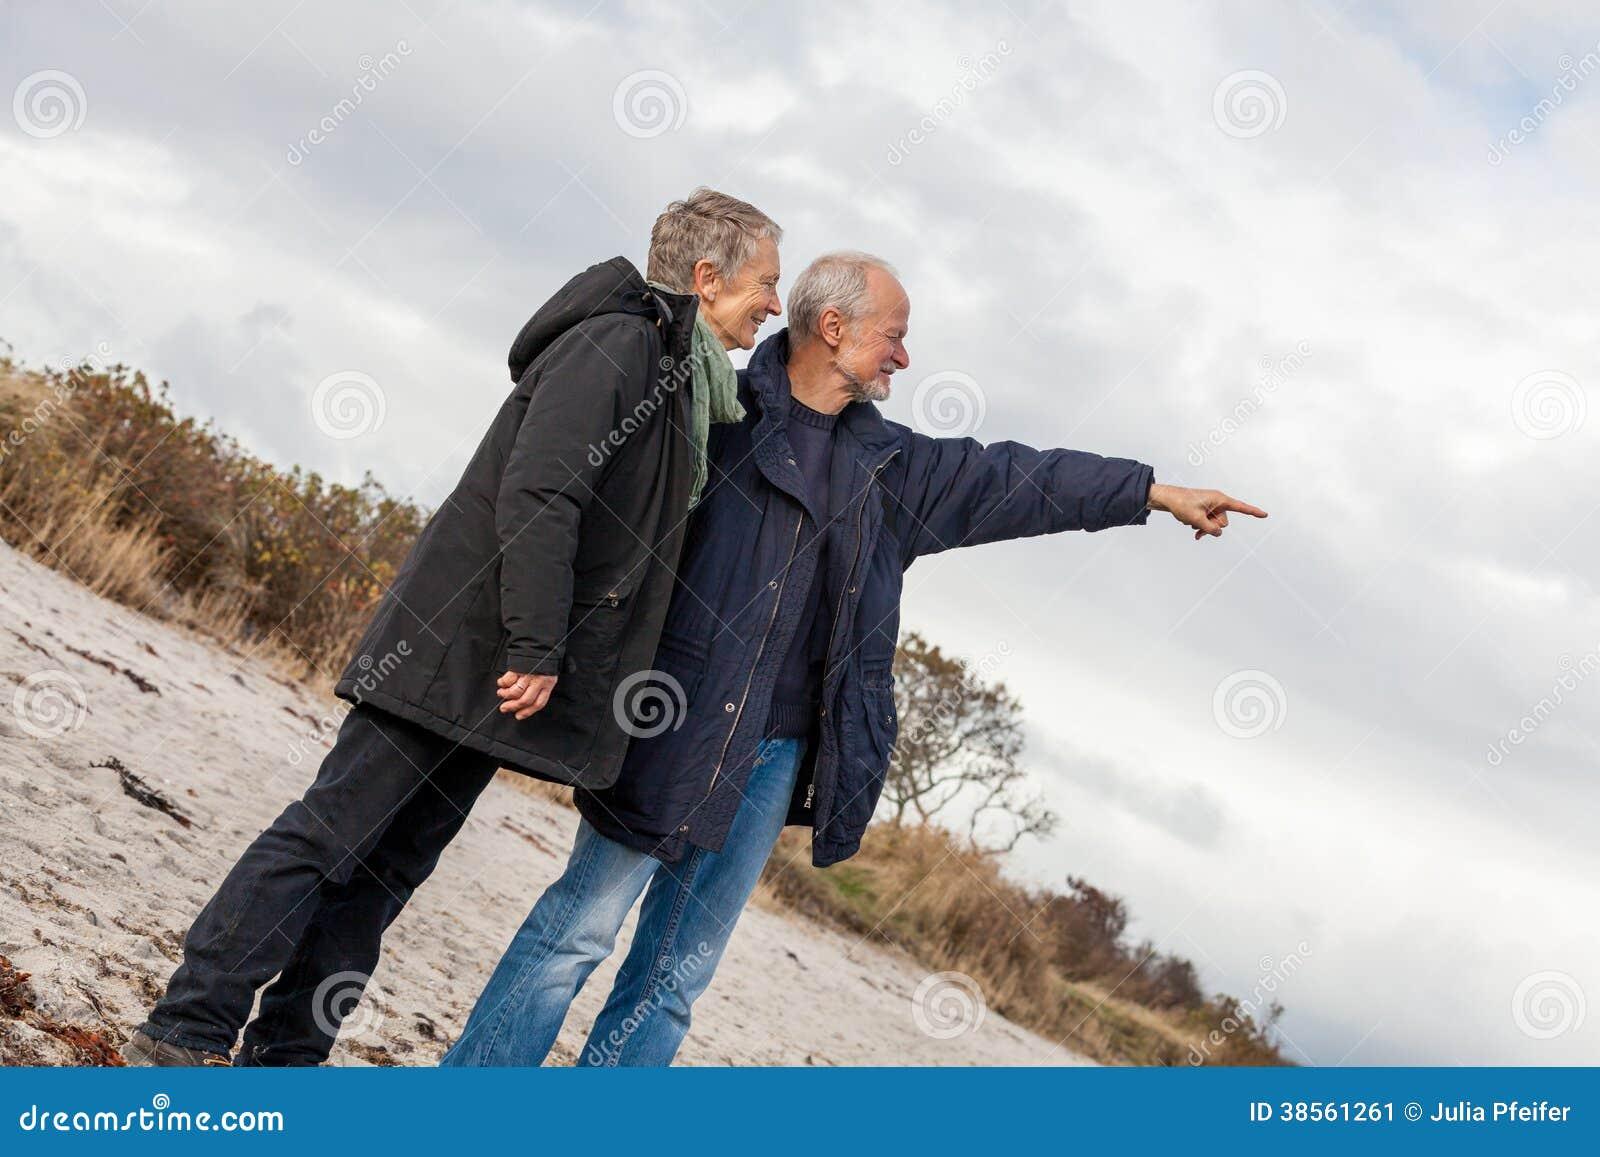 Glückliche ältere Paarältere menschen zusammen